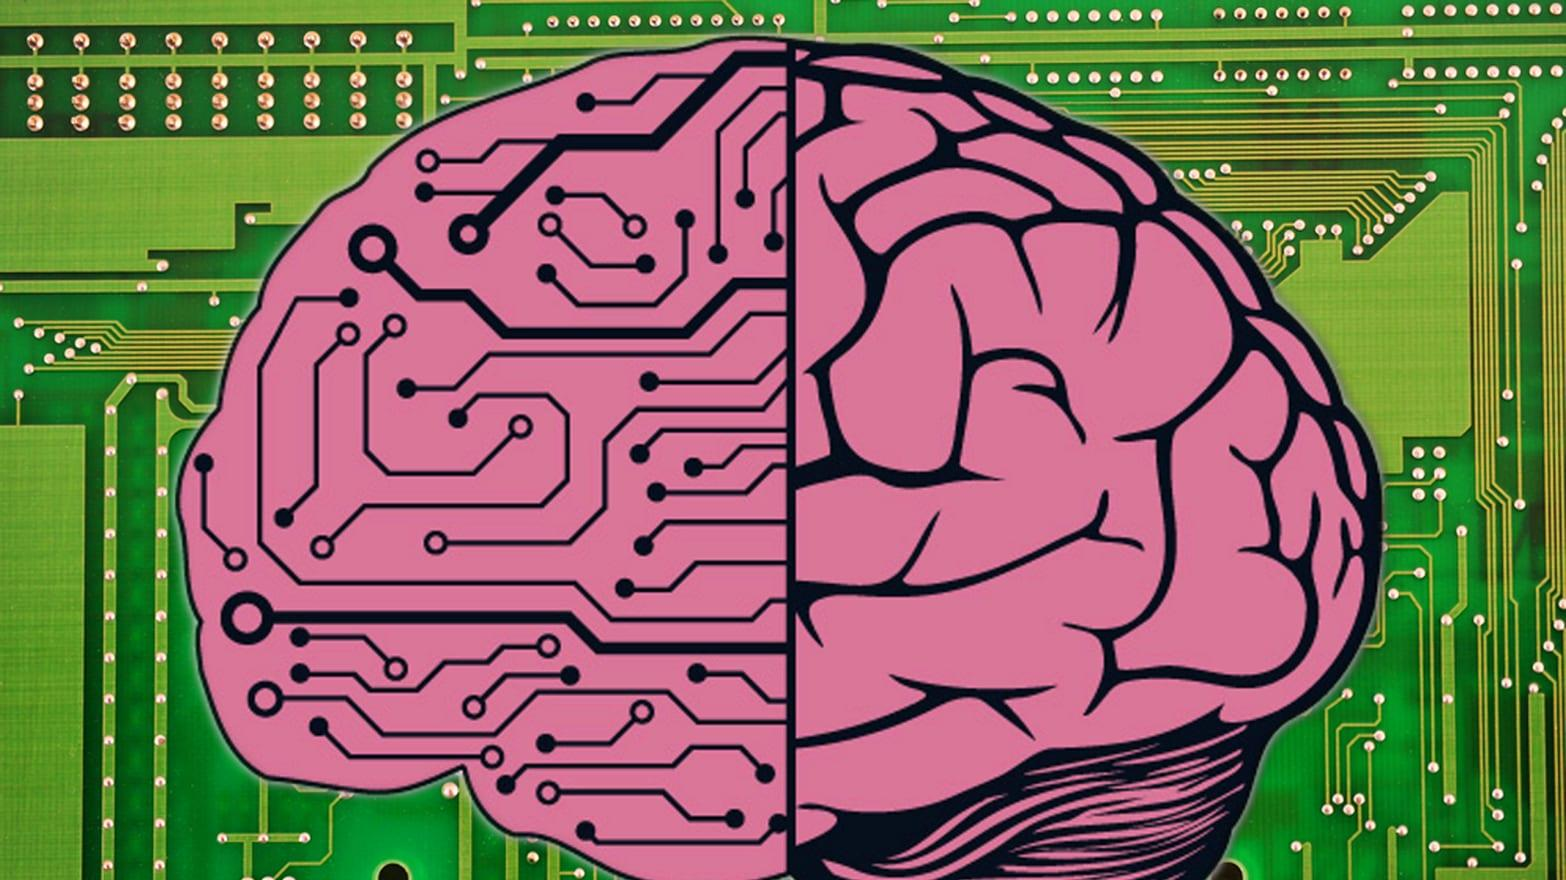 Имплантат для мониторинга активности отдельных нейронов испытали на людях